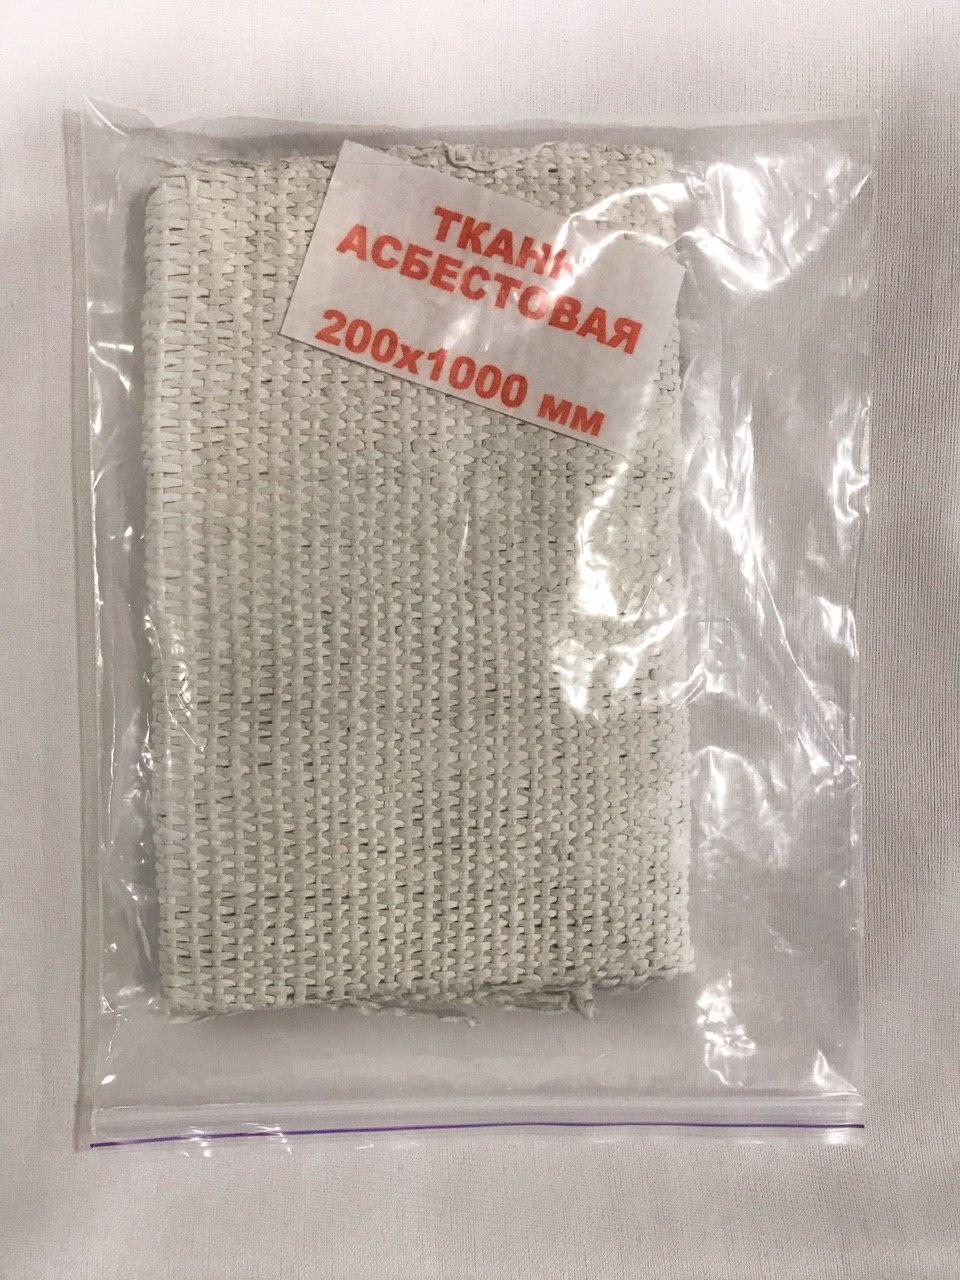 Асбестовая ткань 200*1000мм